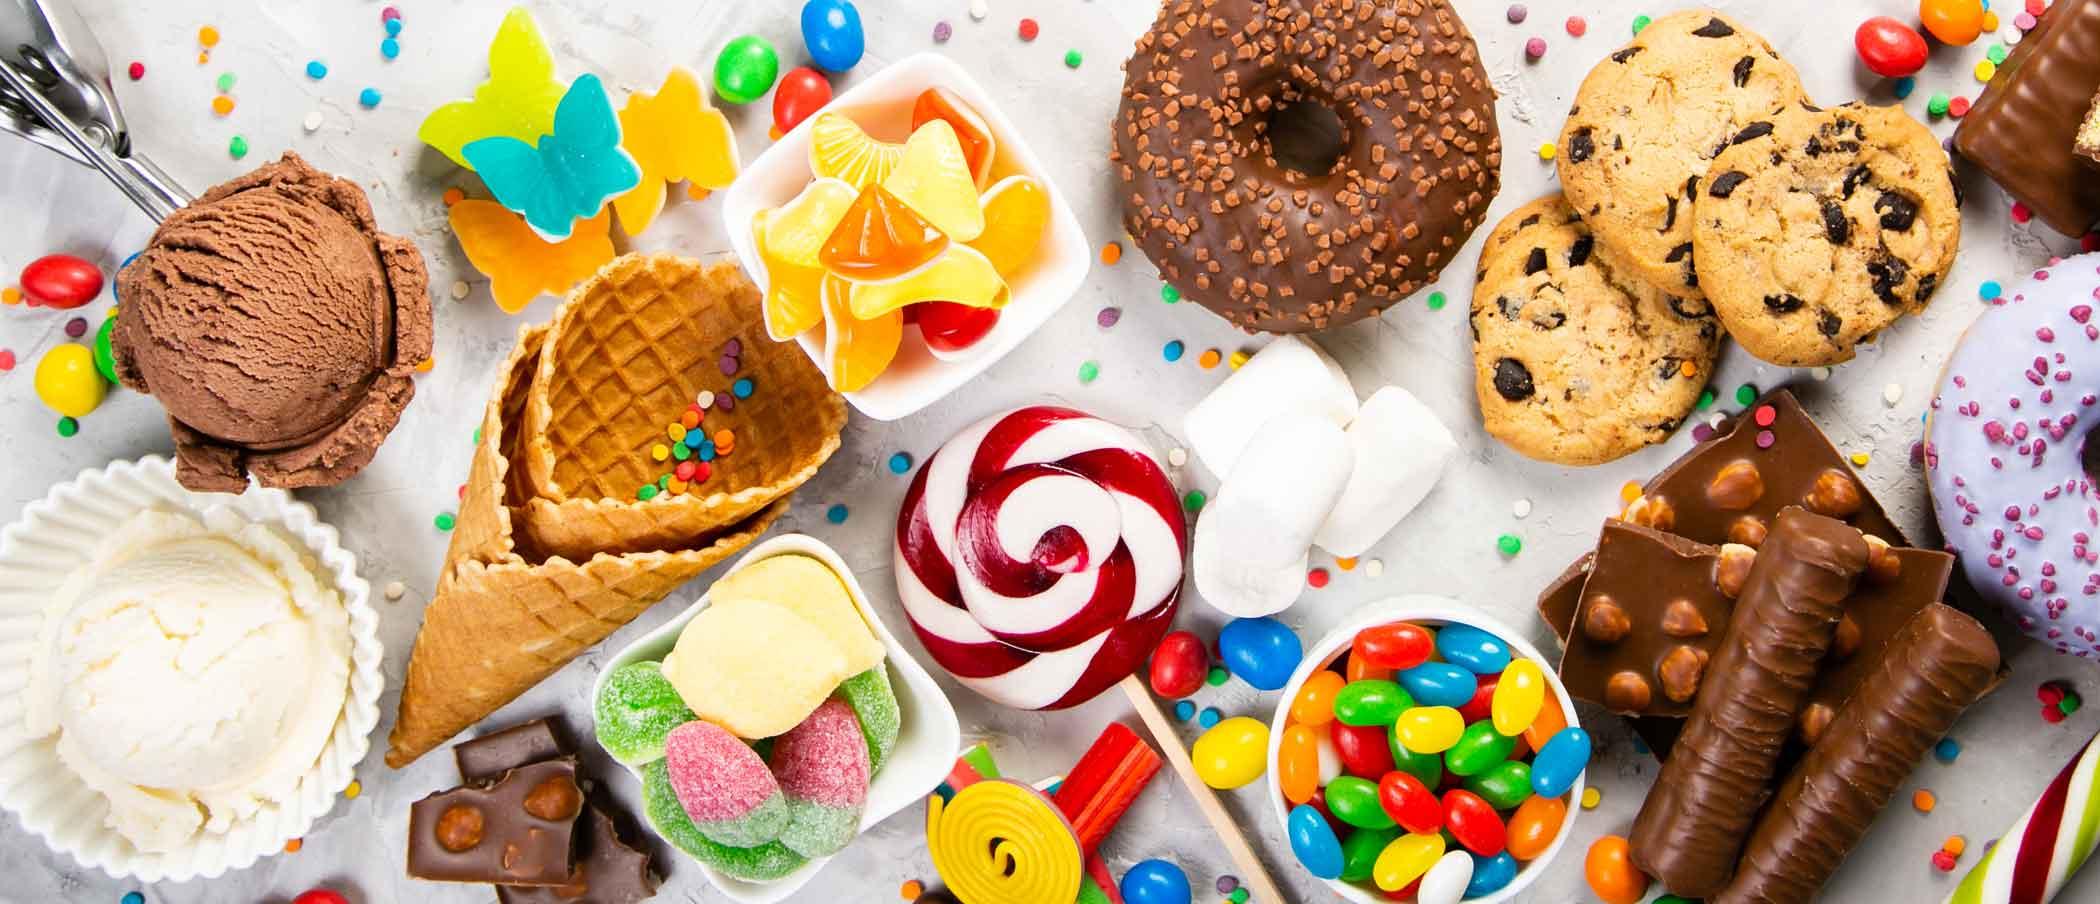 zuckerfrei Naschen Süßigkeiten